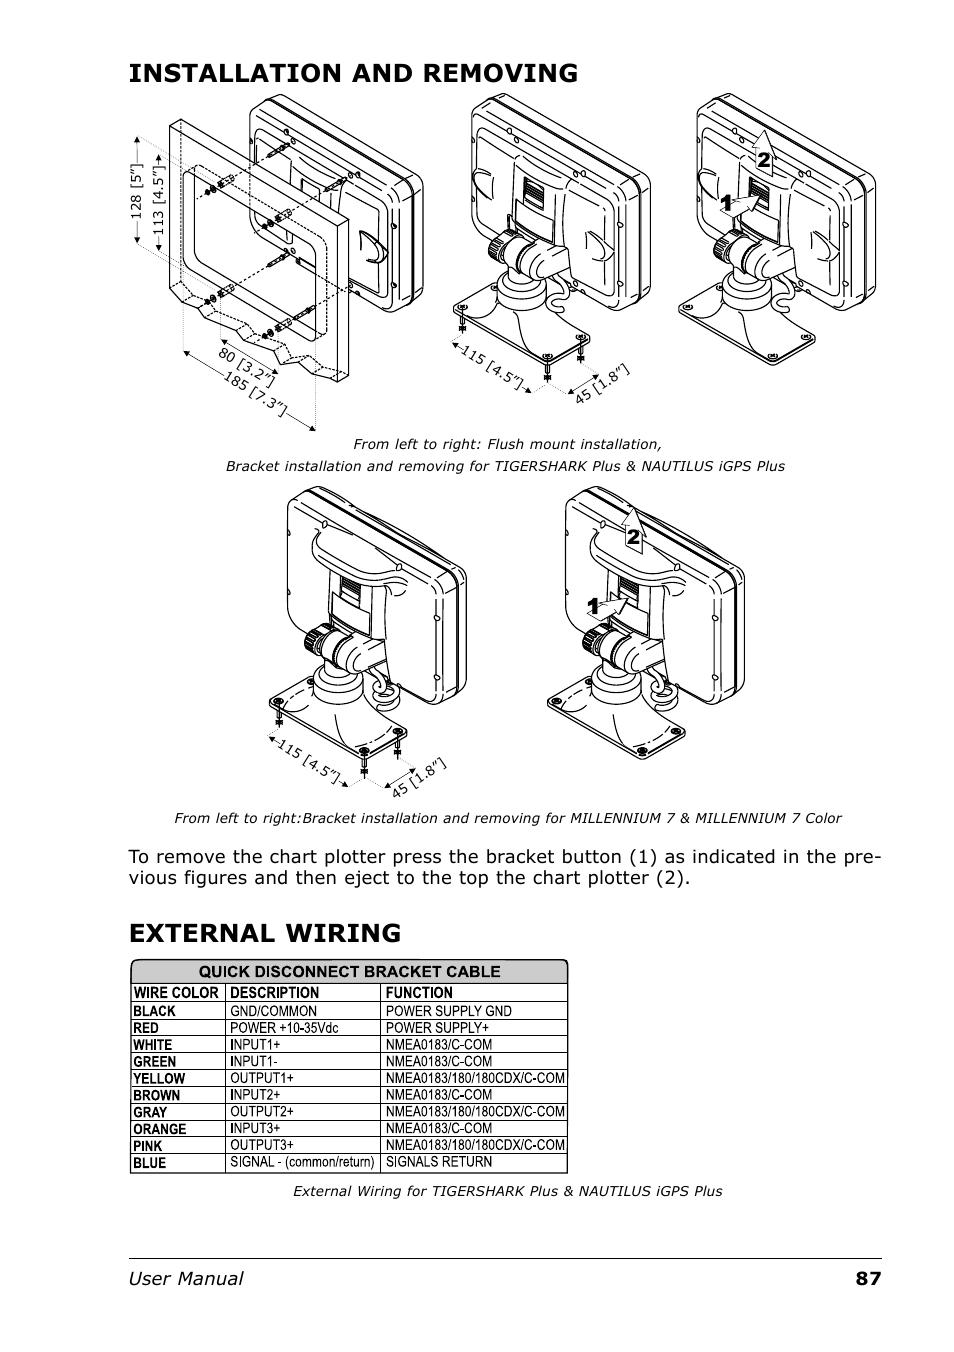 tiger shark wiring diagram wiring diagram  tiger shark wiring diagram #7